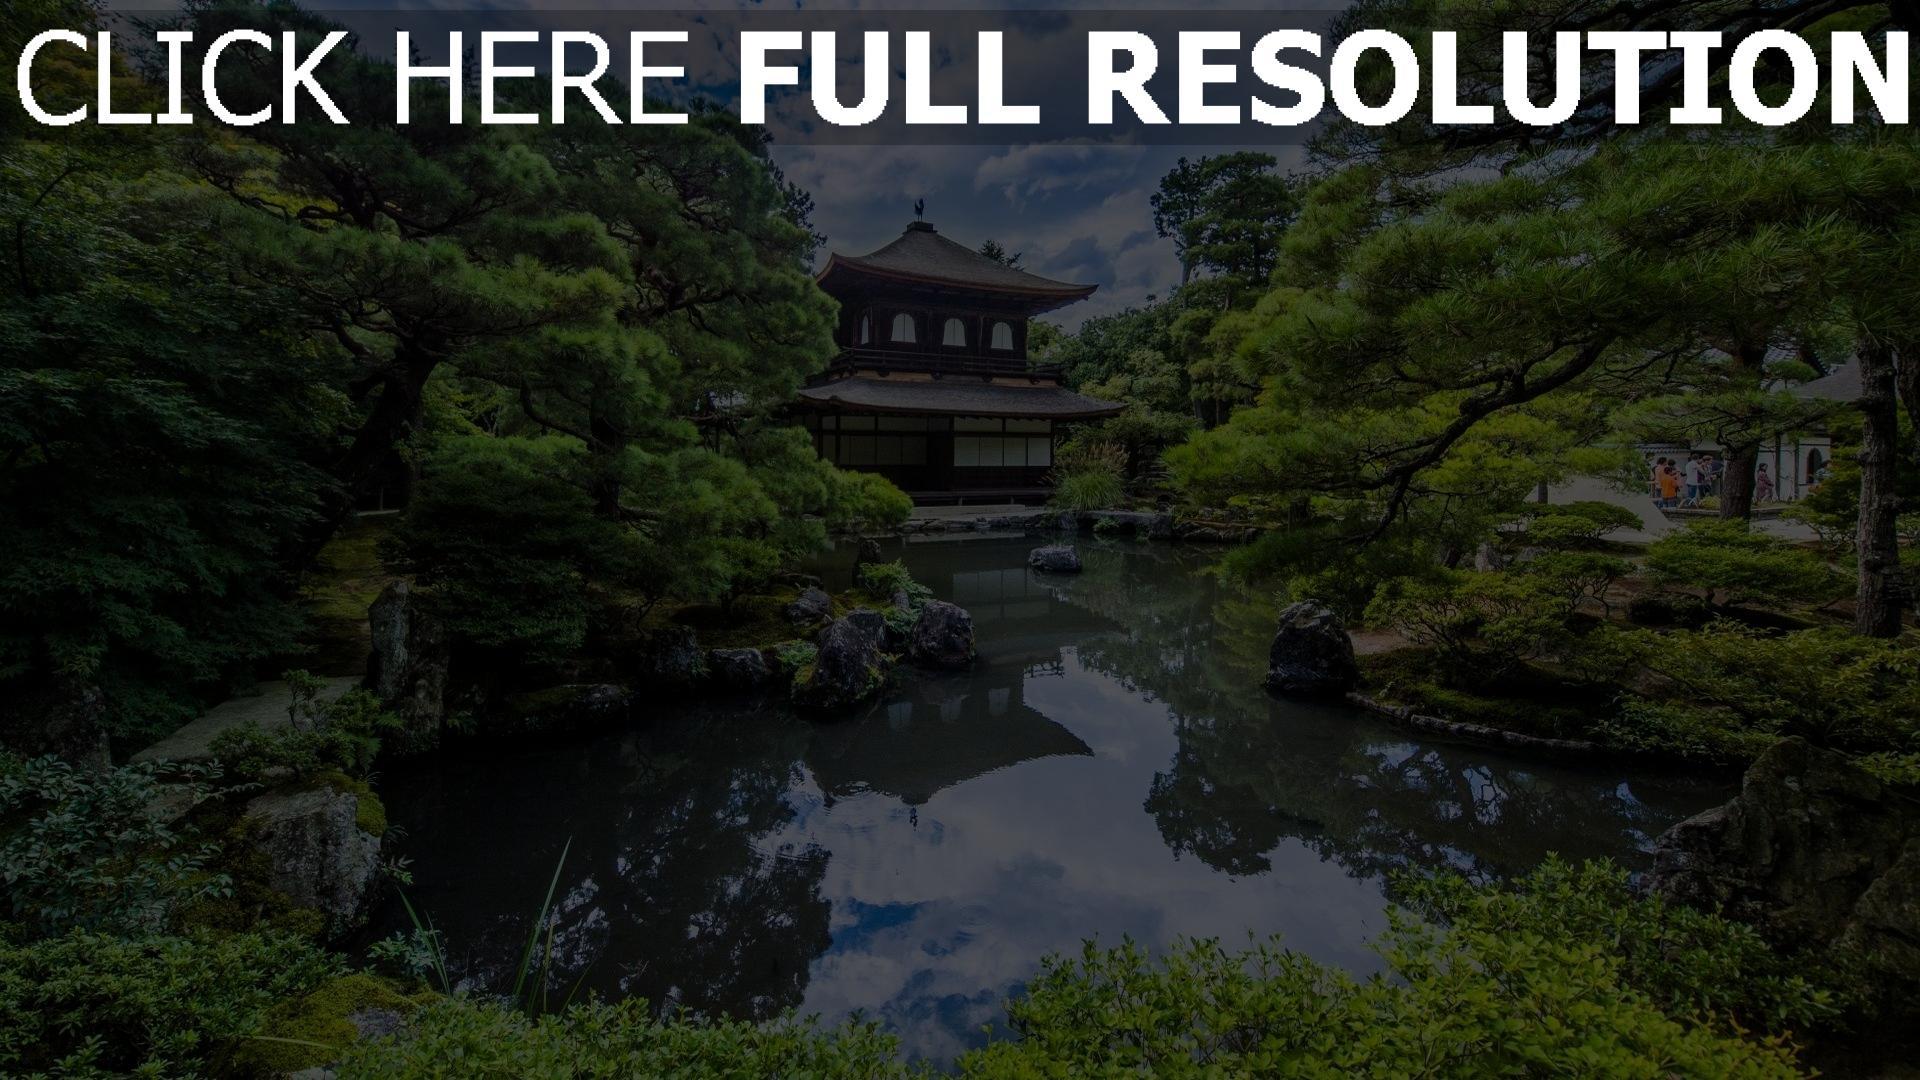 Hd Hintergrundbilder Japanische Garten Teich Bäume Harmonie Desktop